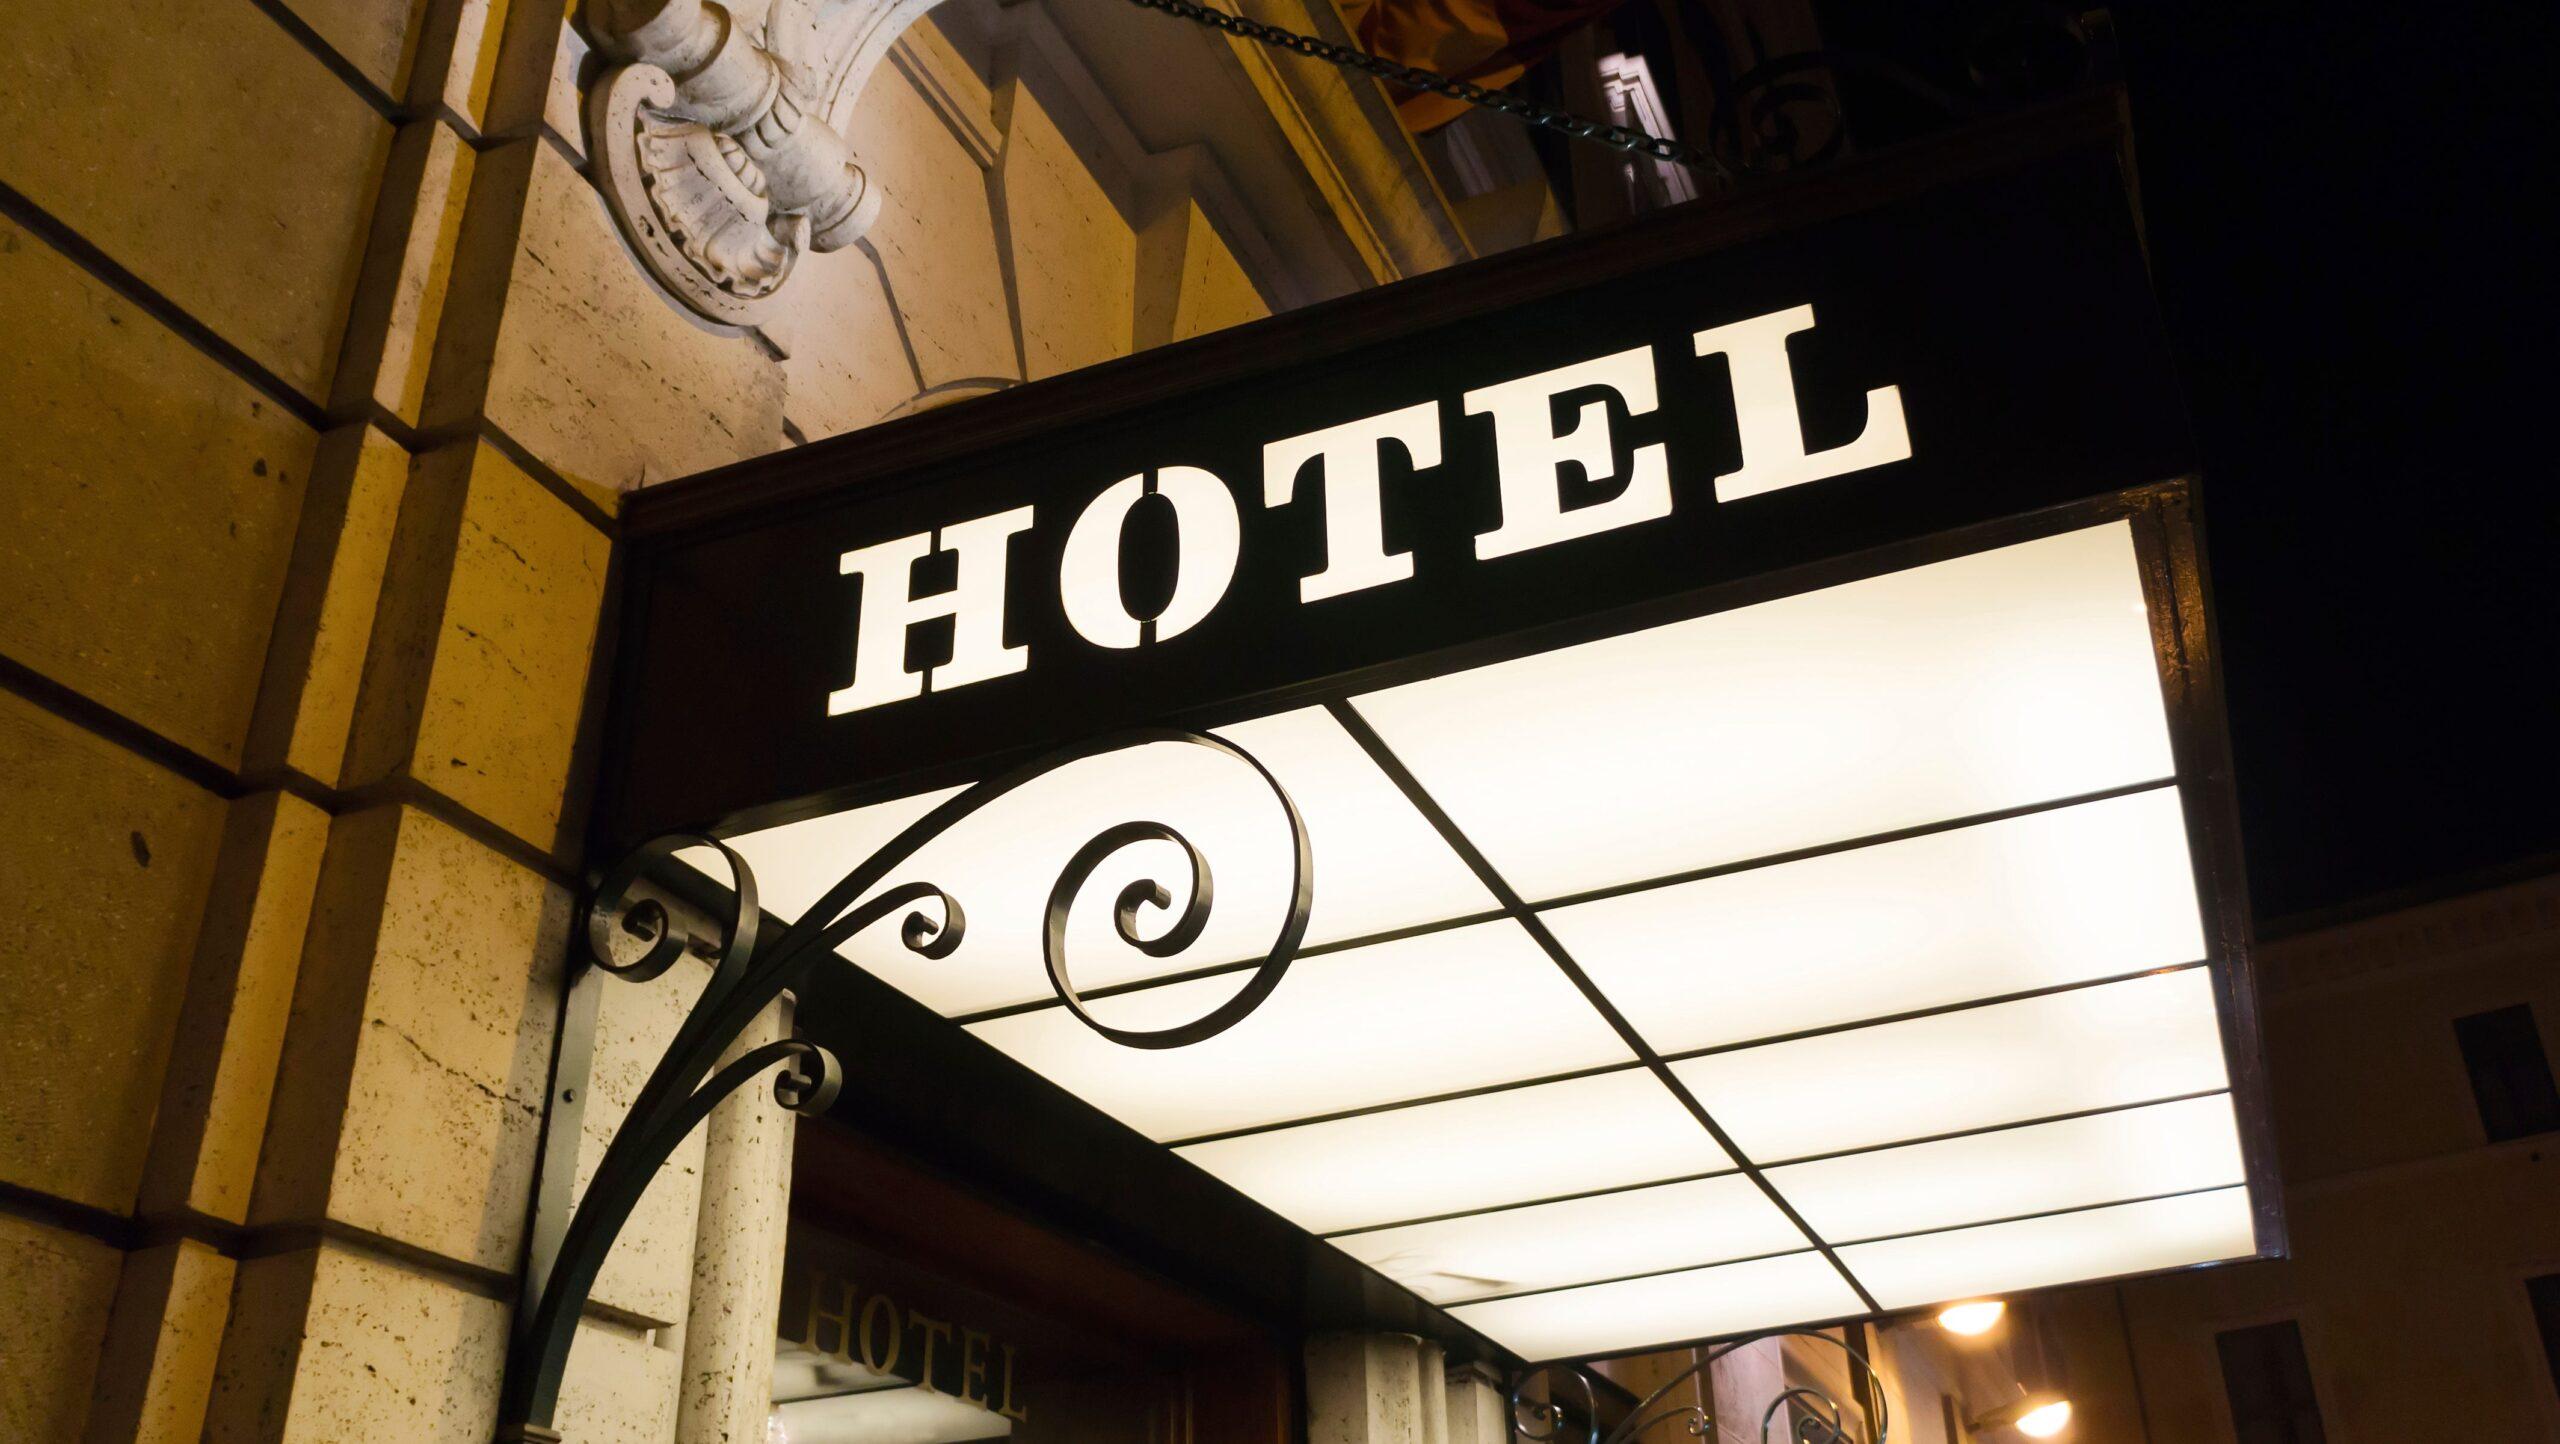 Beautiful Hotel Venue in Australia